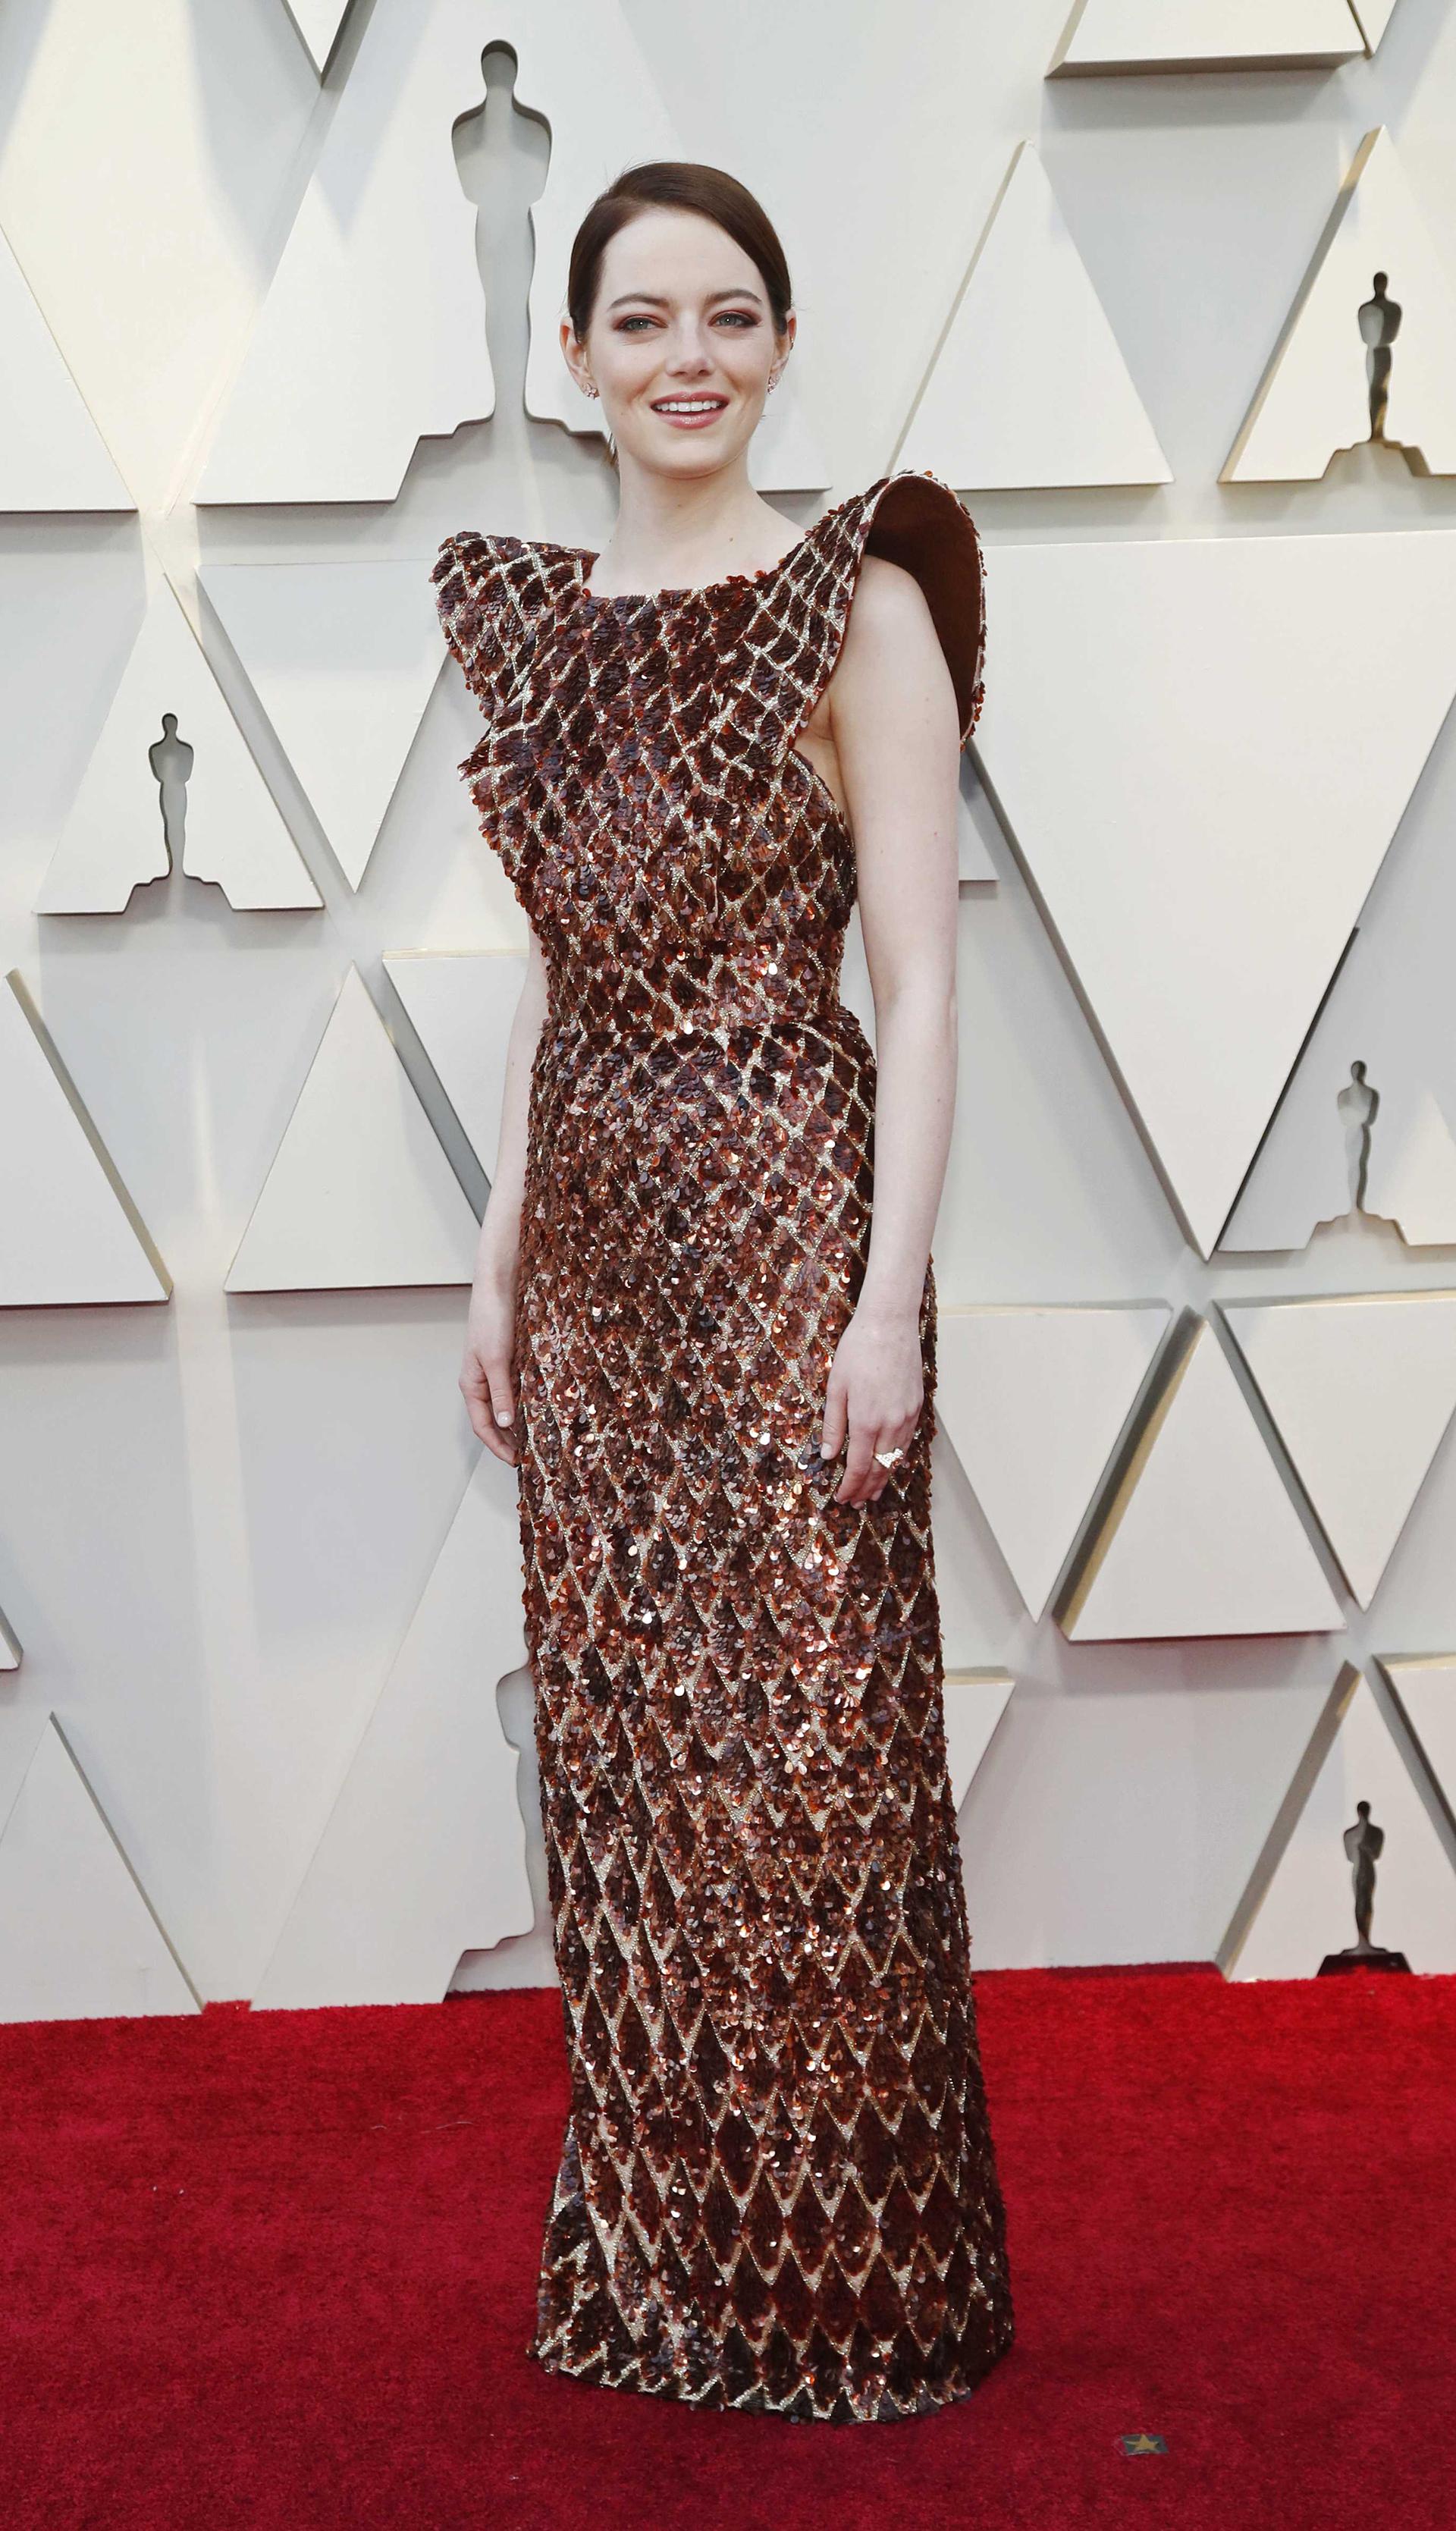 Emma Stone sorprendió con su vestido de paillettes en bronce de rombos y hombros armados. Completó el look con un anillo y pequeños aros. Su beauty look, smokey eye en marrones y labios nude